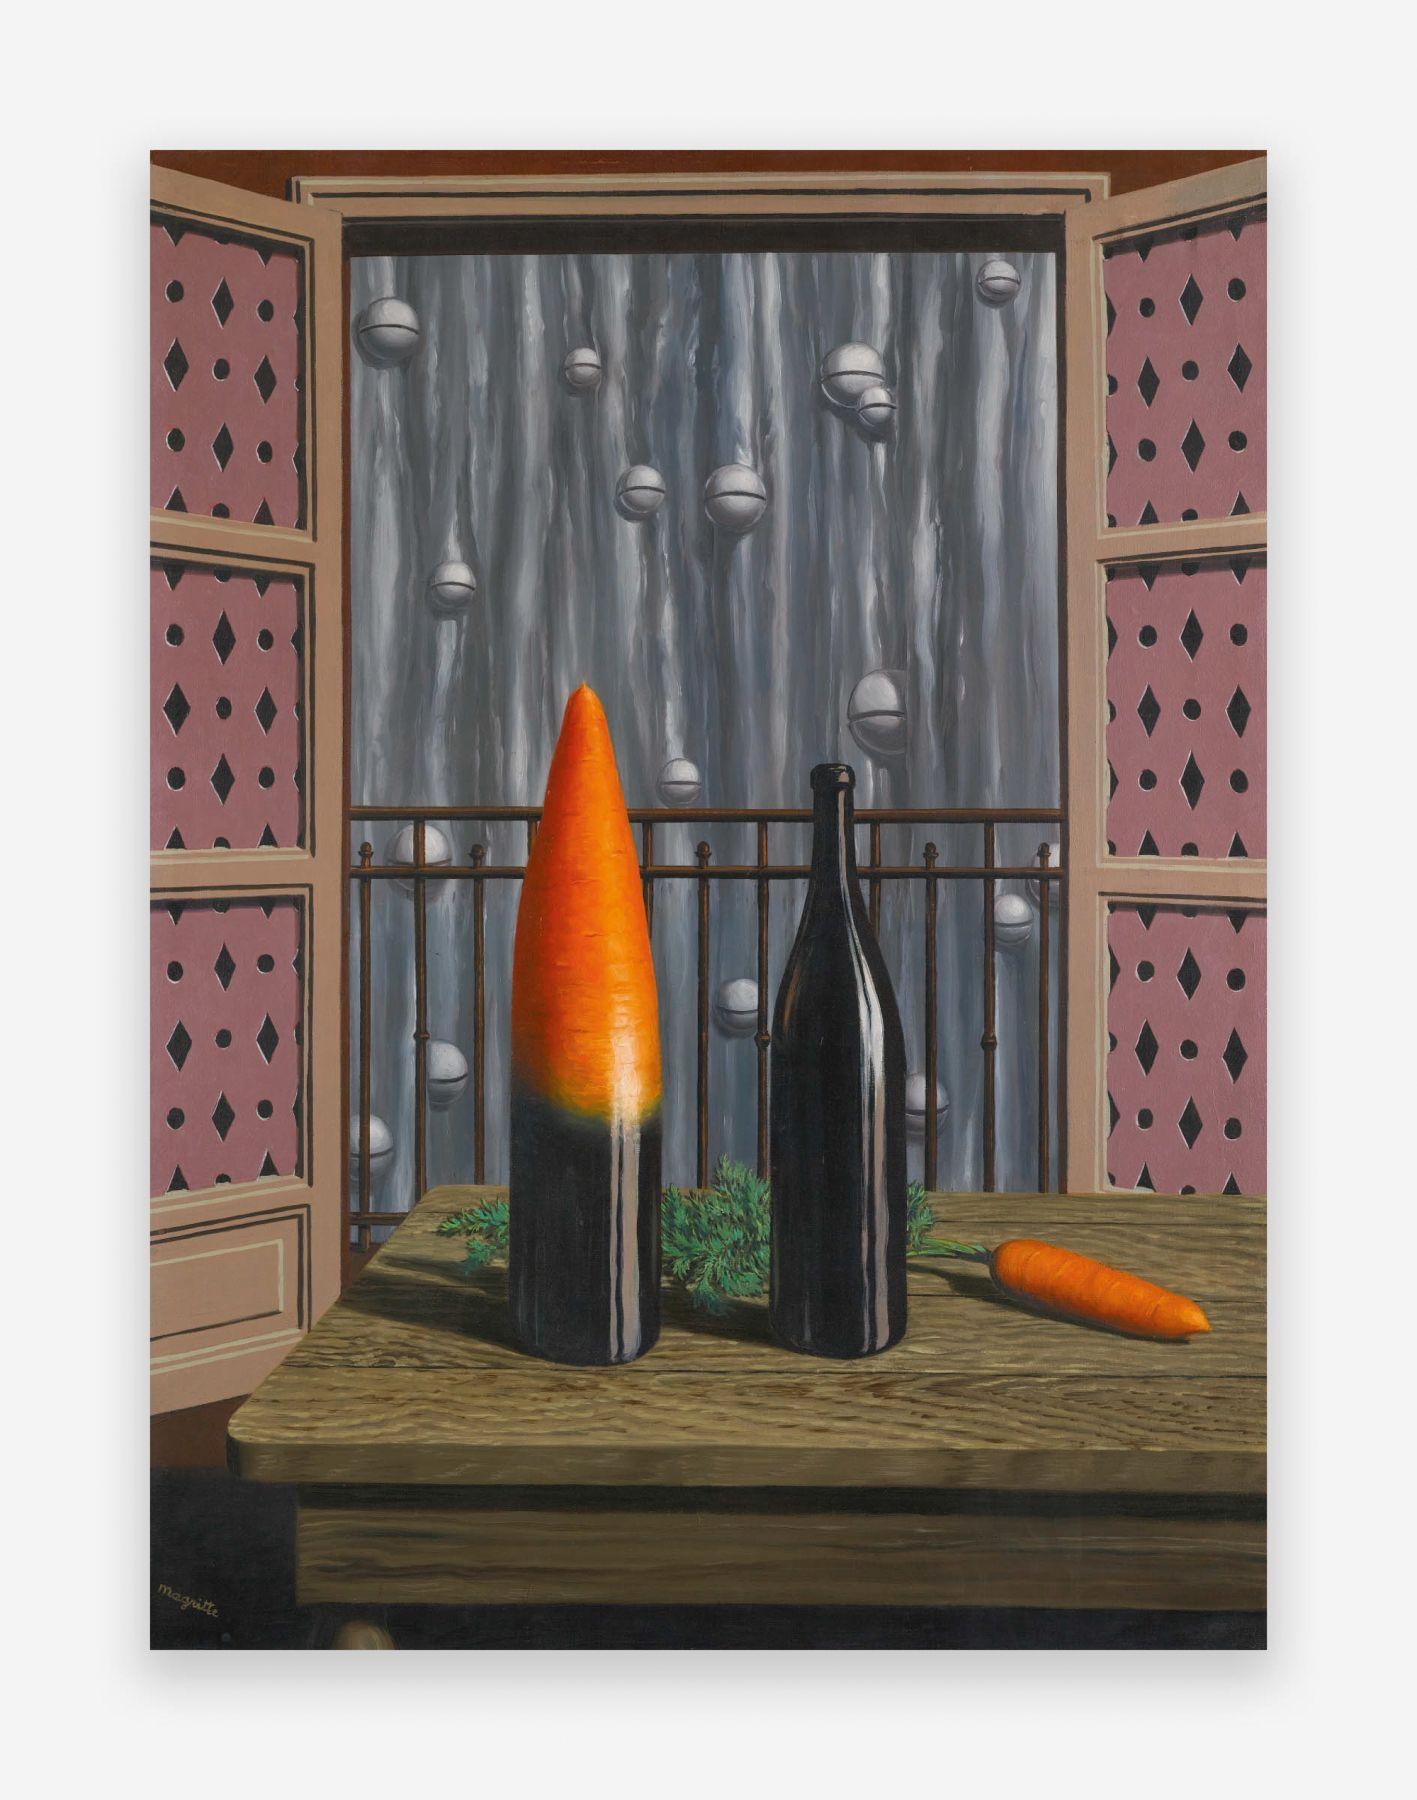 René Magritte L'explication, 1952